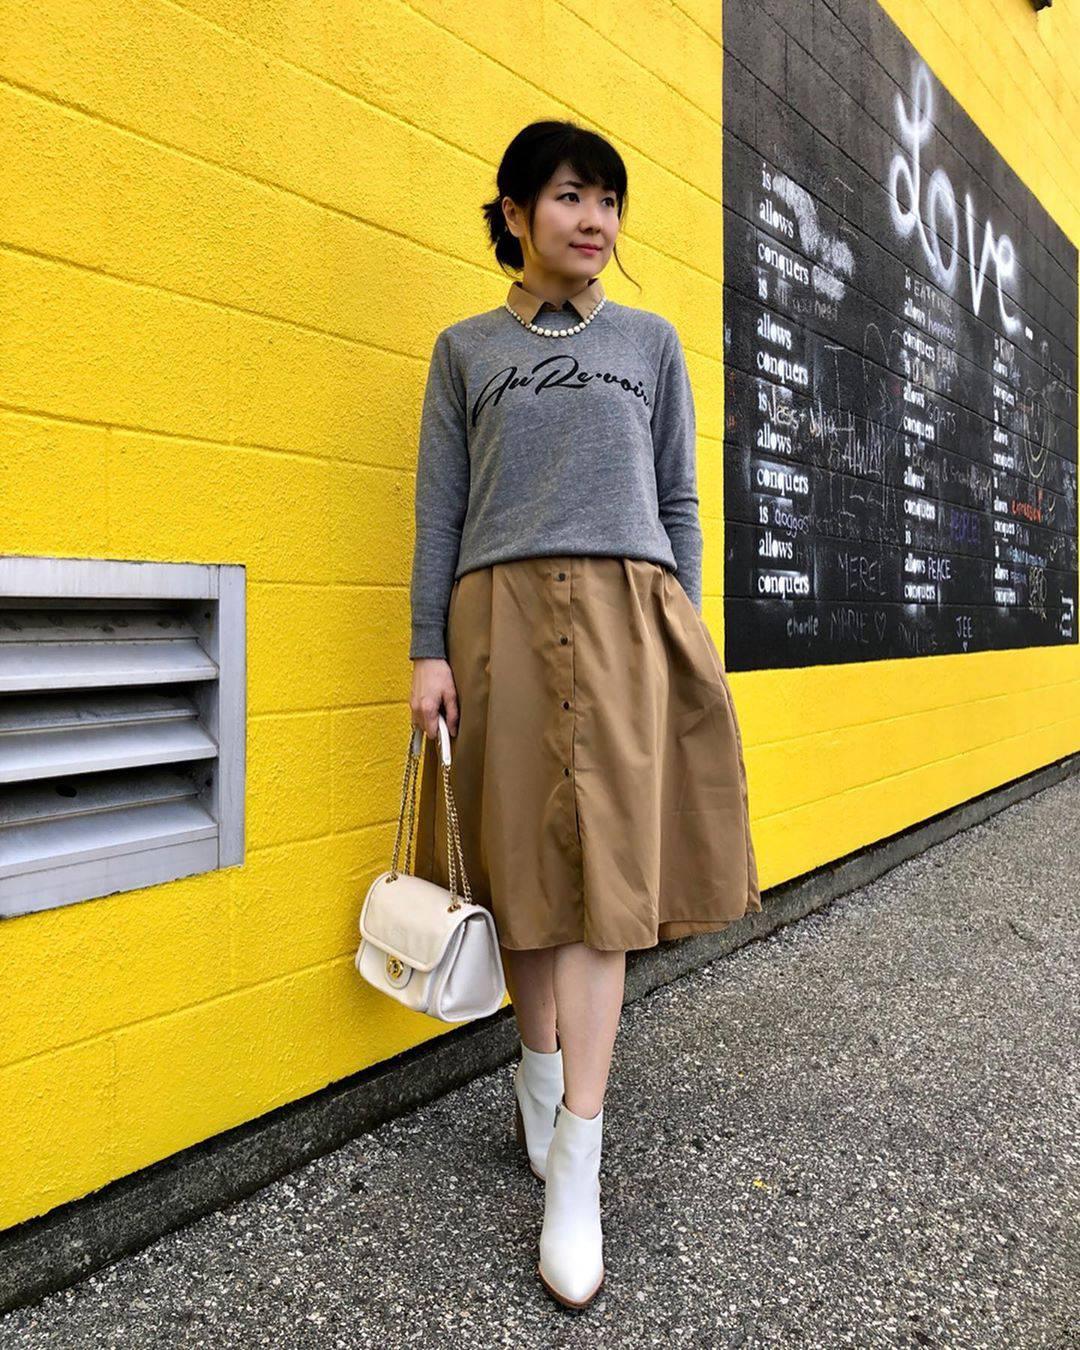 最高気温28度・最低気温18度 i.styleclosetの服装